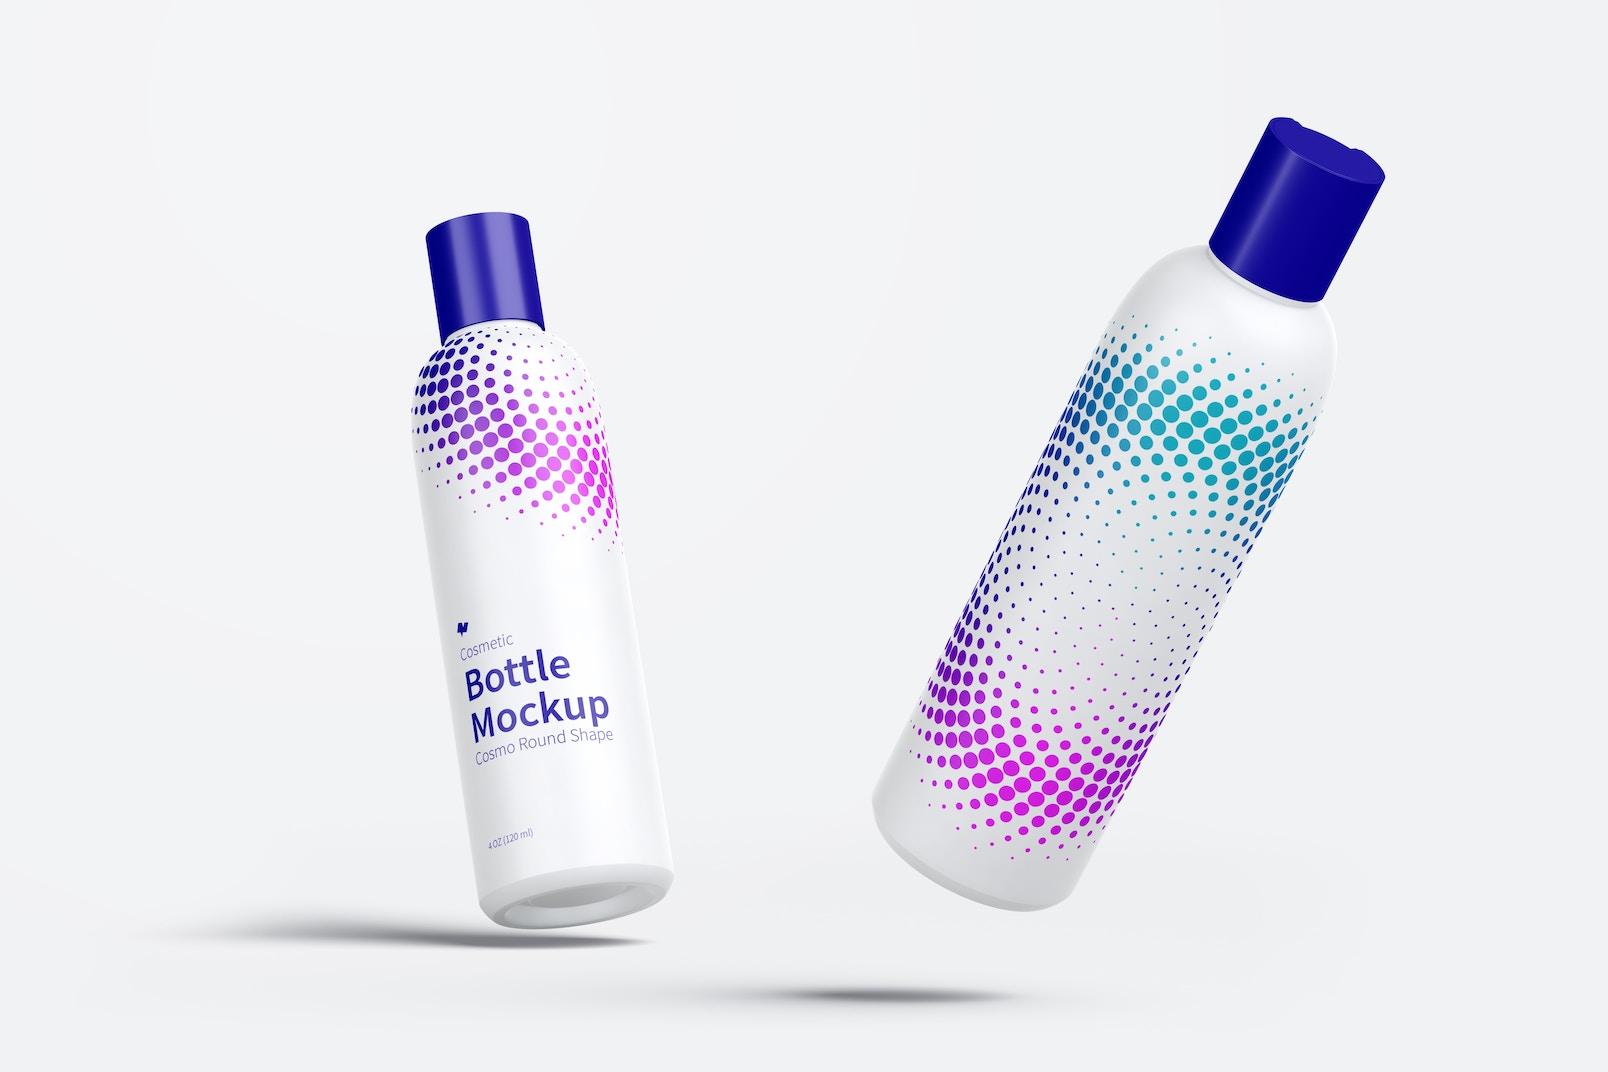 Maqueta de Botella Cosmética Cosmo de 4 oz / 120 ml con Tapa de Disco Cayendo